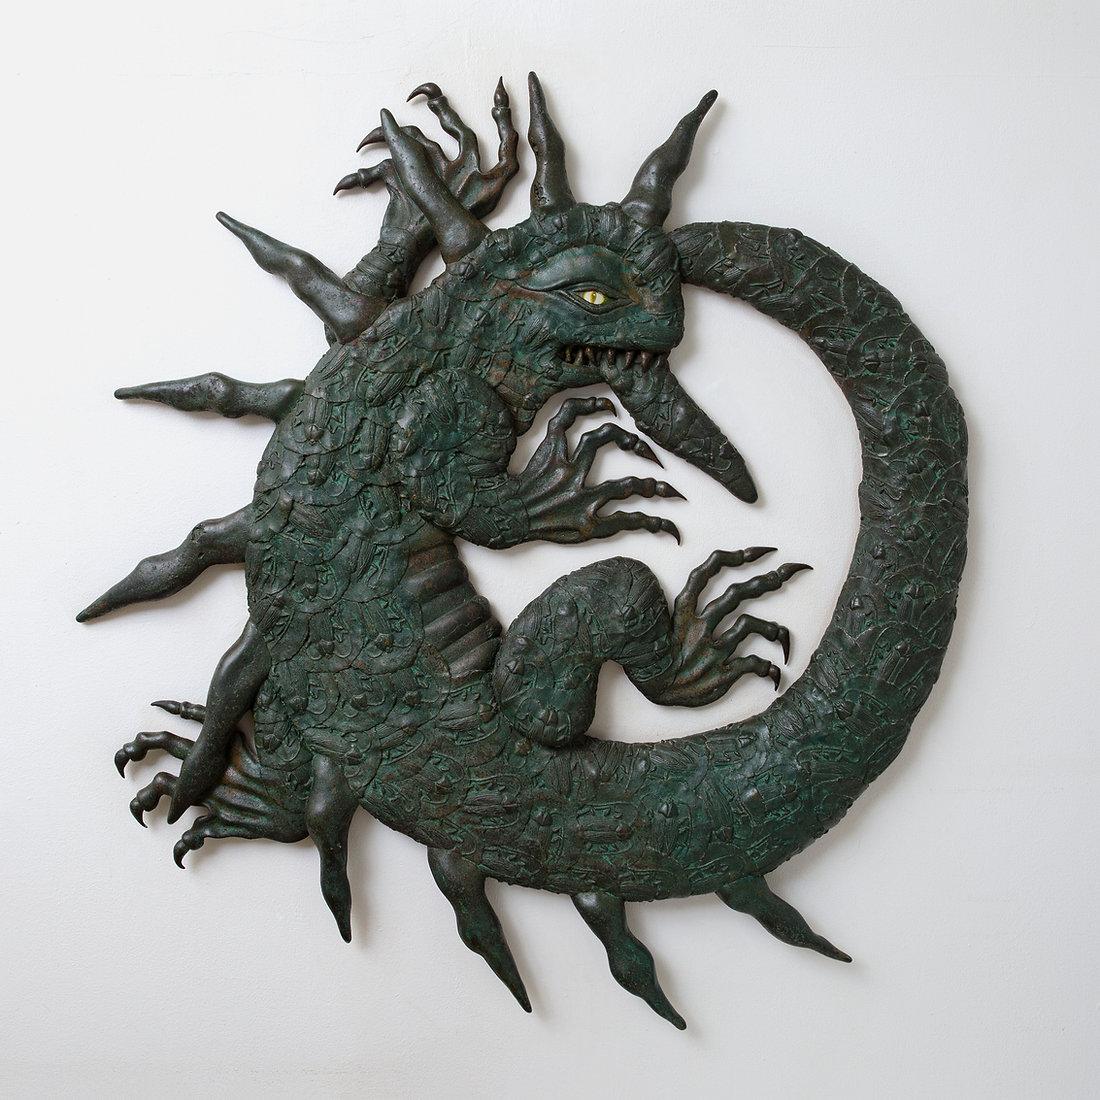 Orobouros  cast bronze serpent wall sculpture